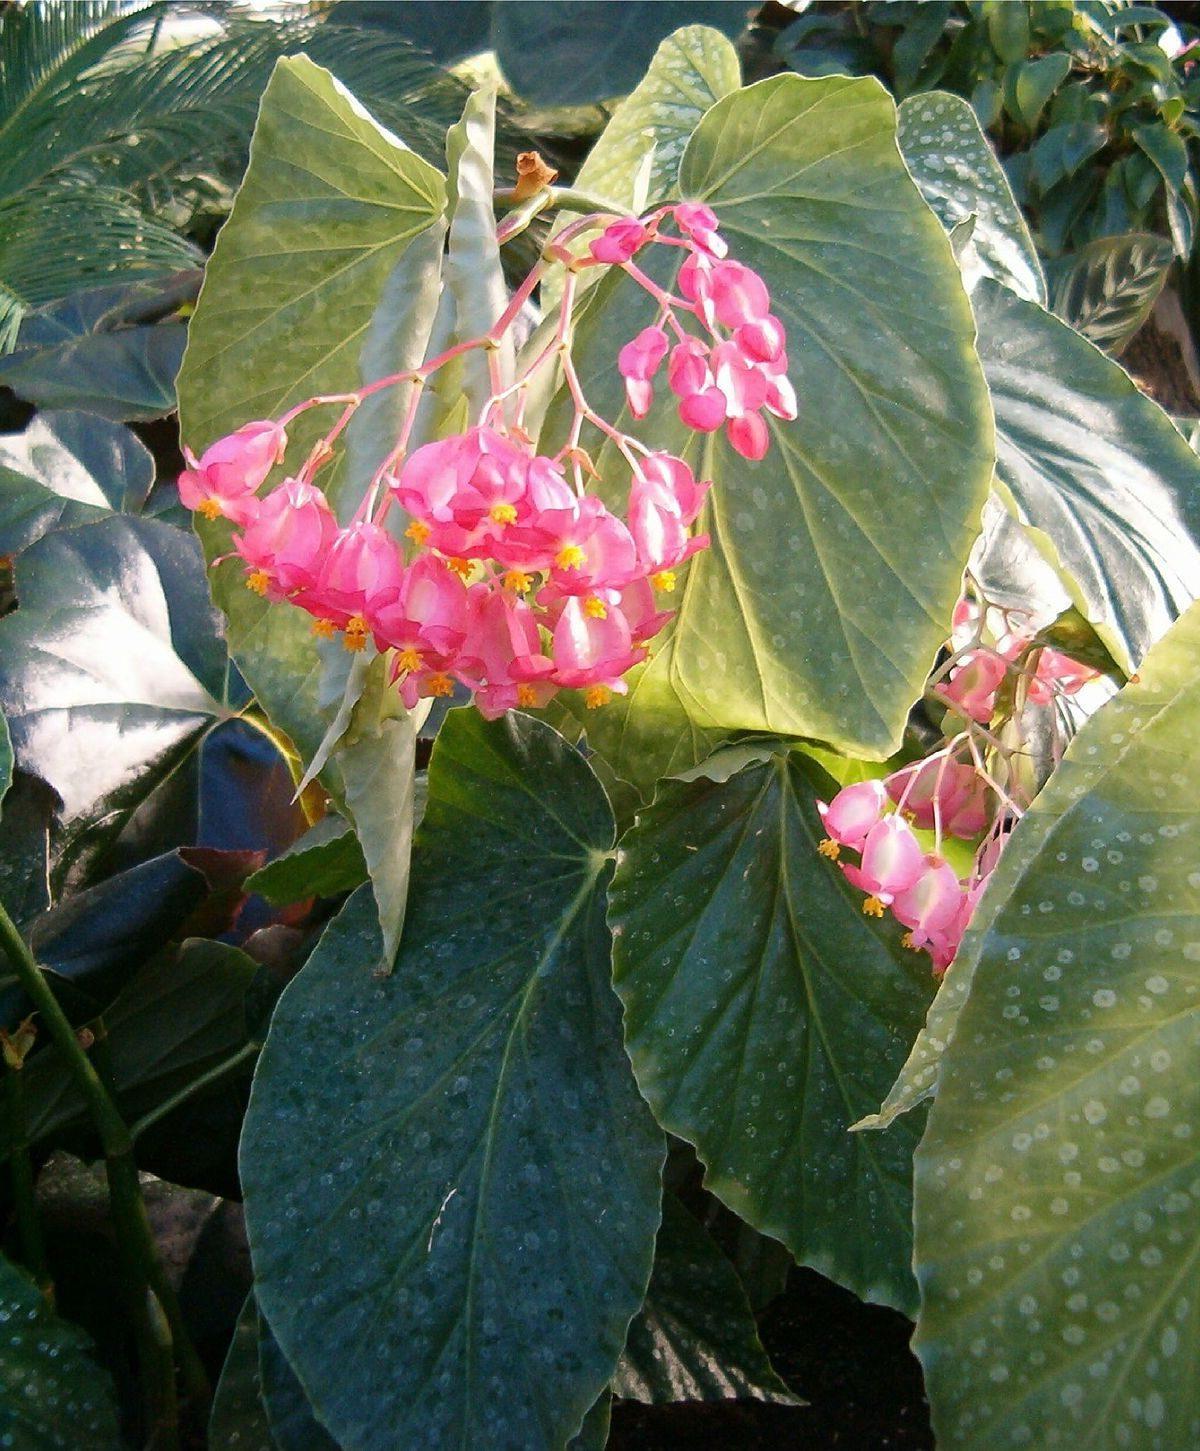 Melek Kanadı Begonya ev bitkisi tüleri hakkında